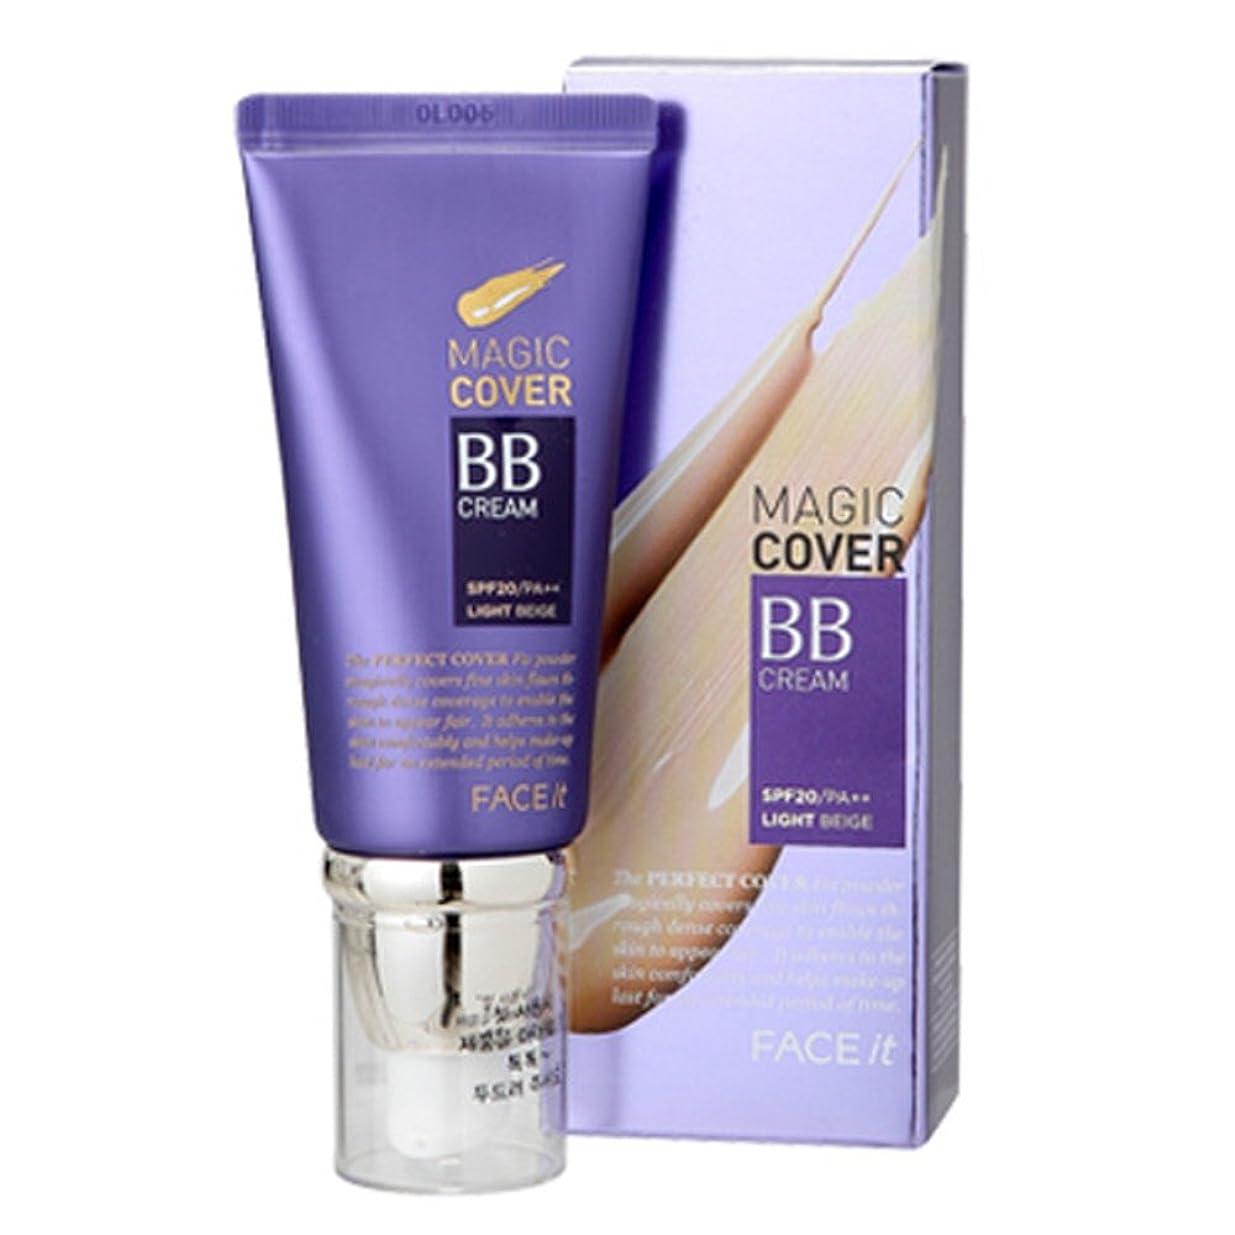 どこレジ不公平ザフェイスショップ The Face Shop Face It Magic Cover BB Cream 45ml (02 Natural Beige)